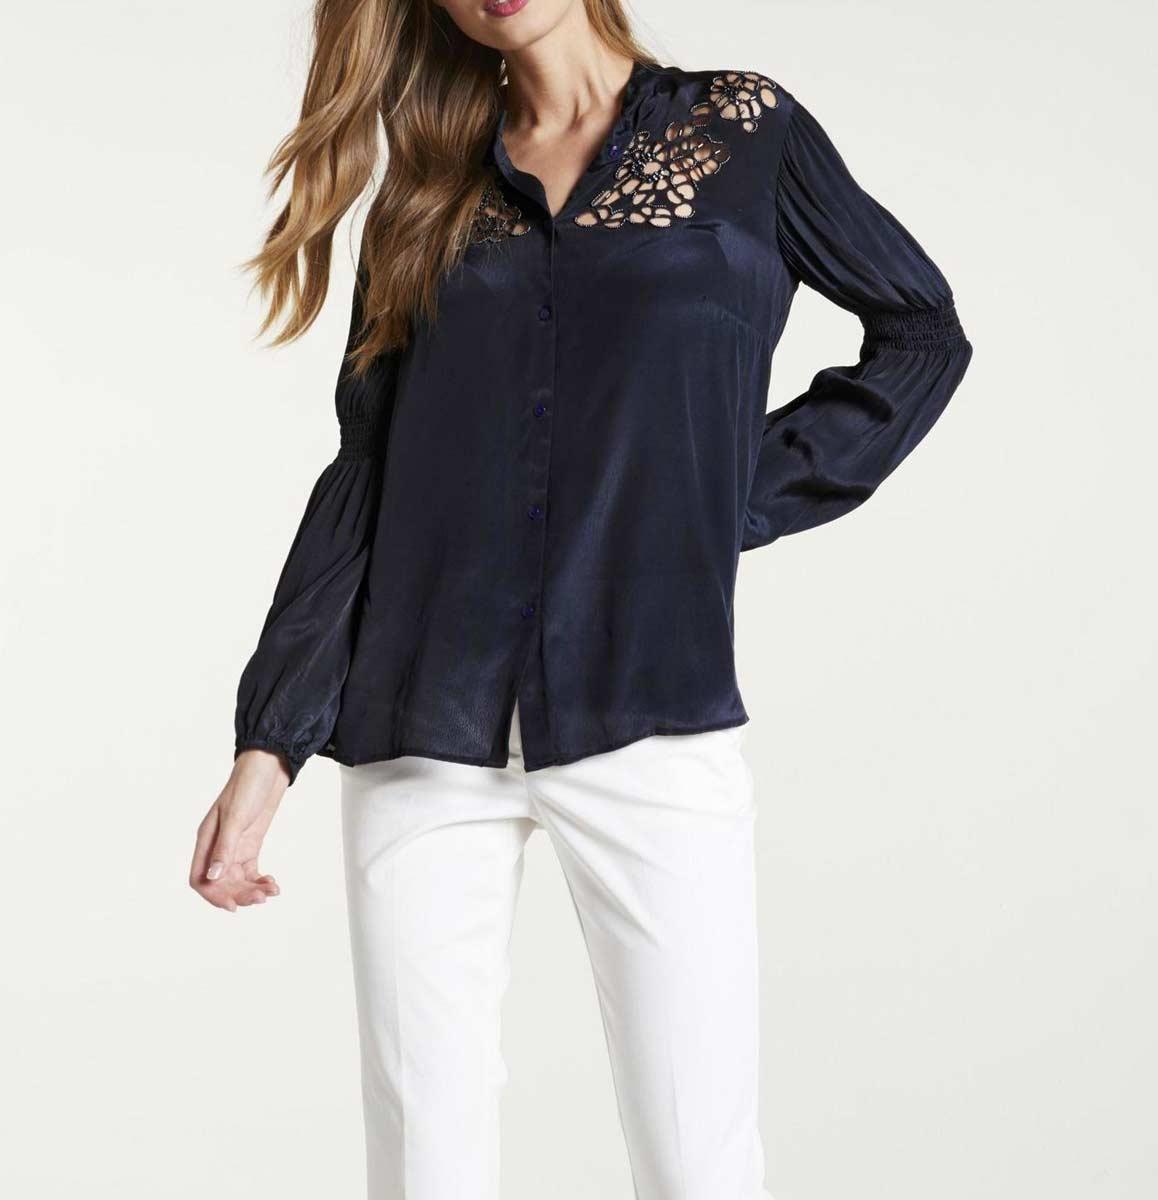 472.328 HEINE Damen Designer-Bluse m. Perlen-Stickerei Nachtblau